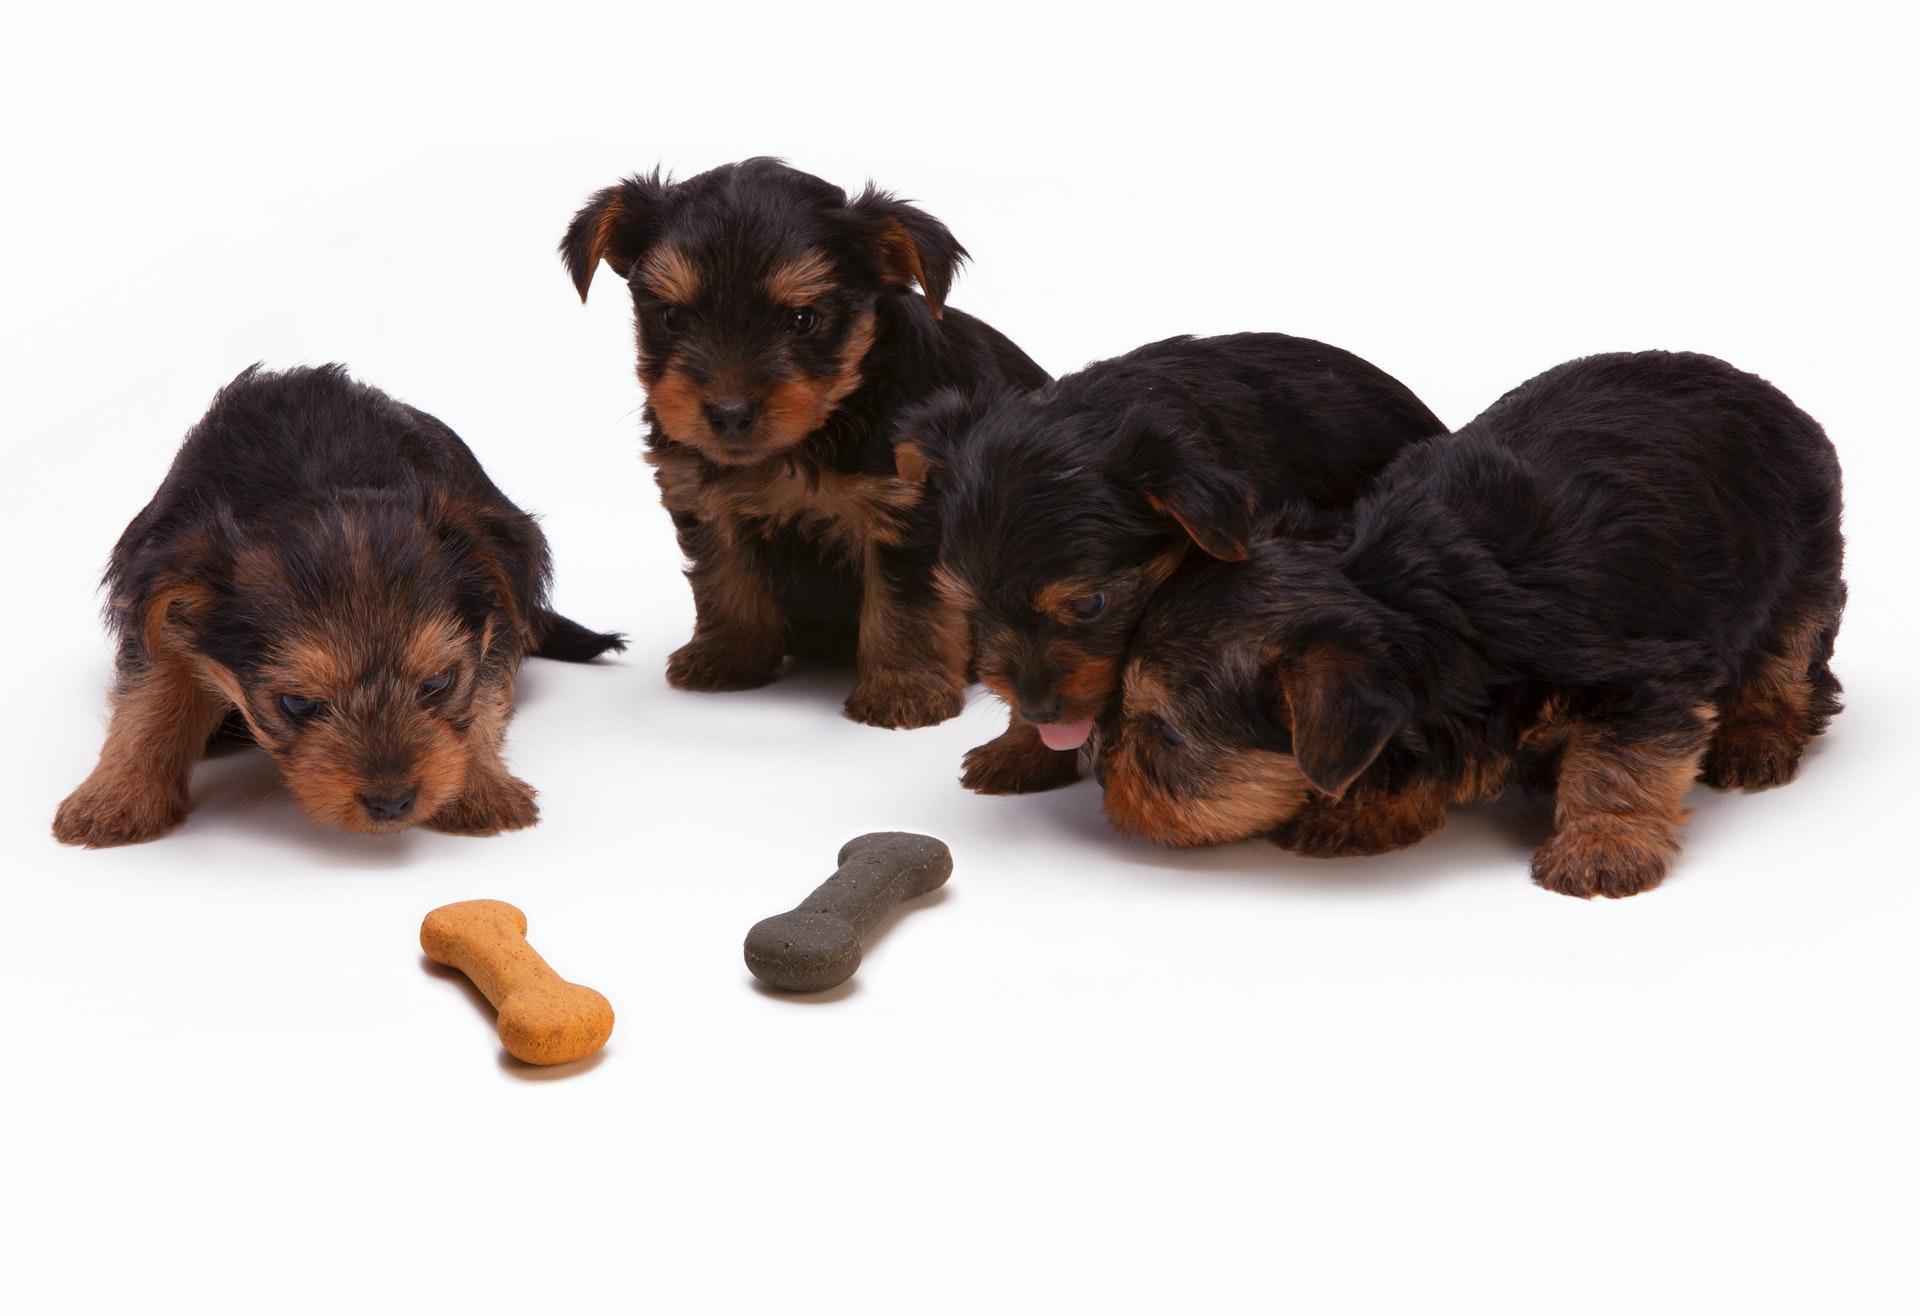 Dog food critic